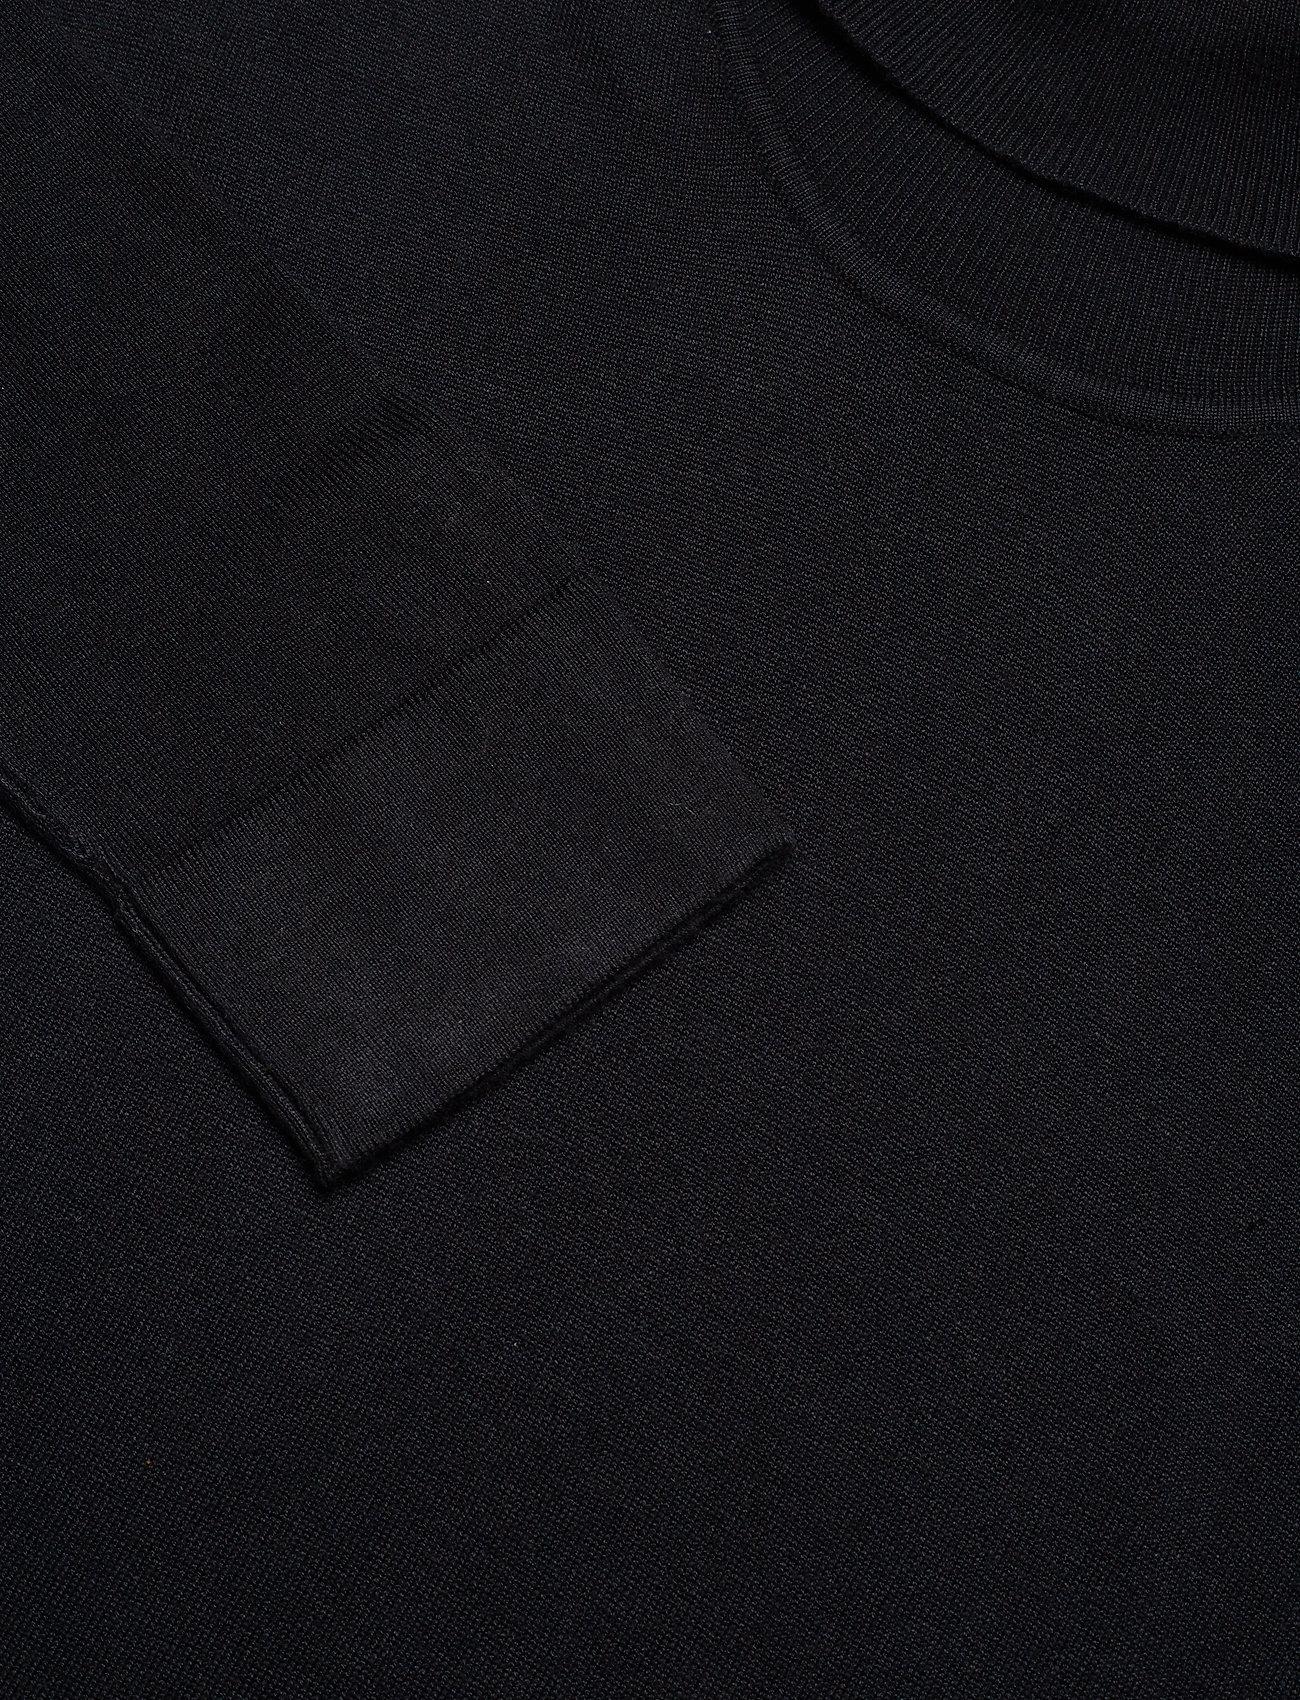 Lindbergh Roll neck knit - Strikkevarer BLACK - Menn Klær